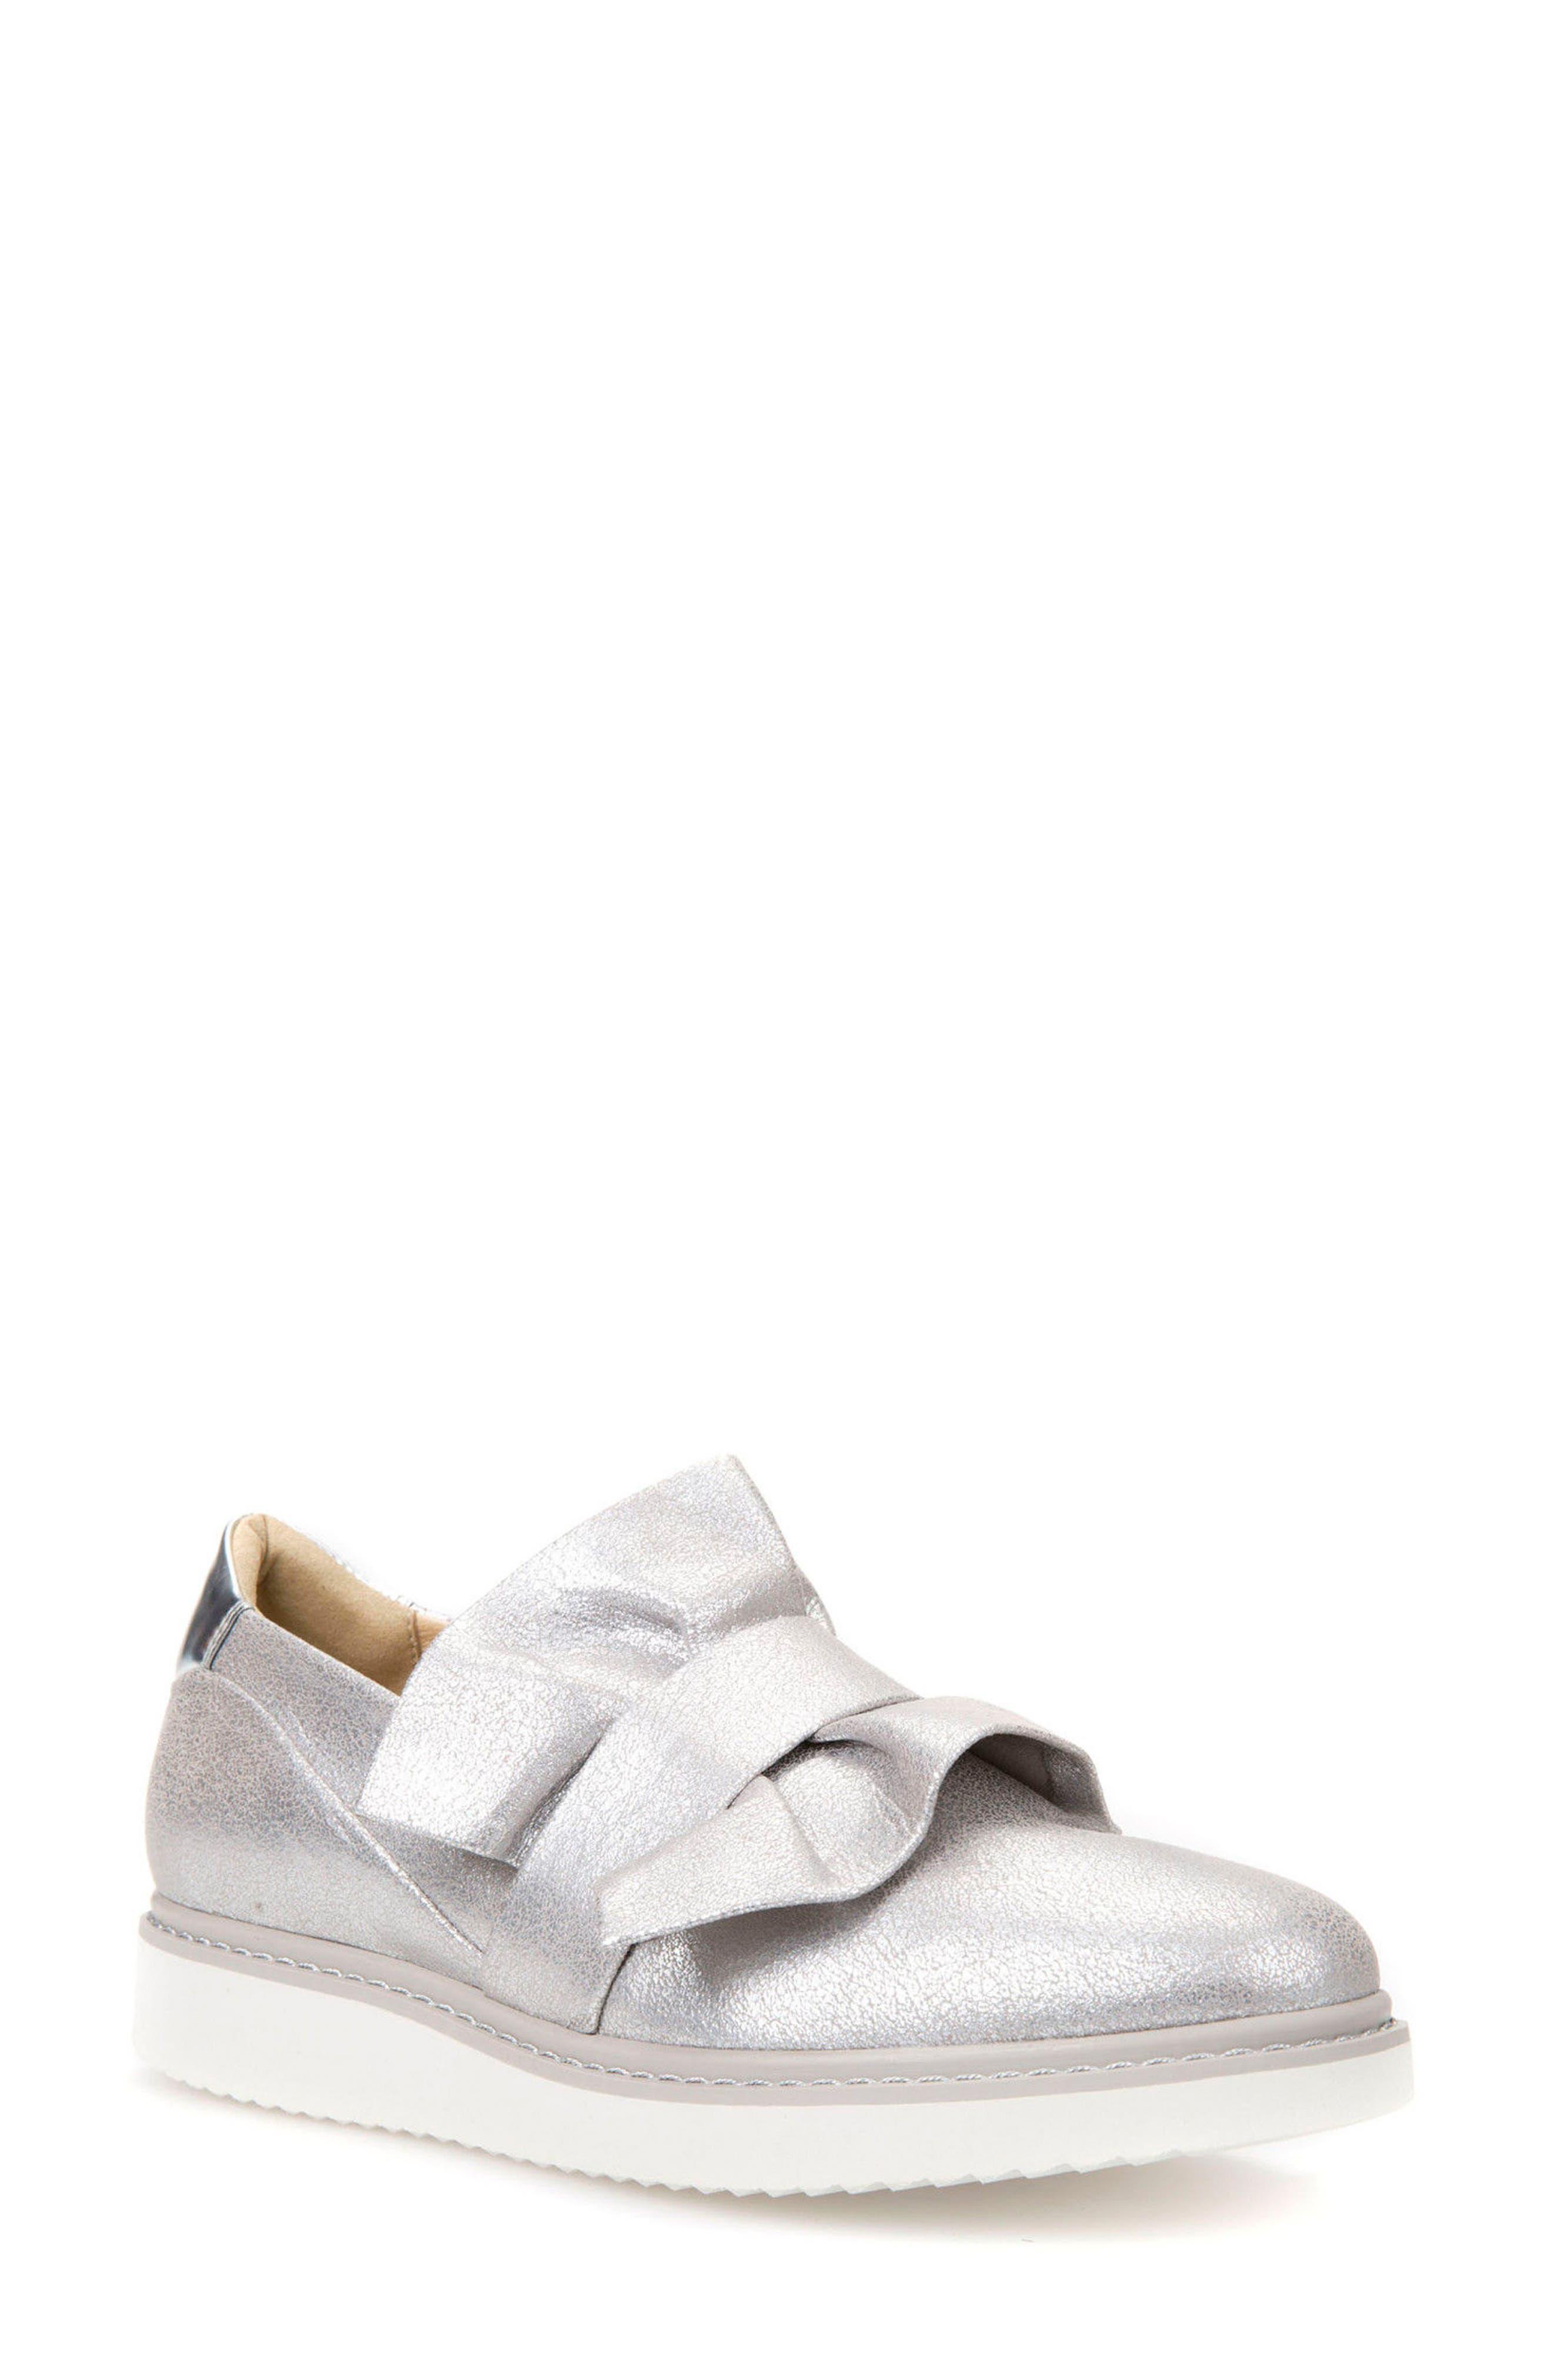 Geox Thymar 15 Slip-On Sneaker (Women)